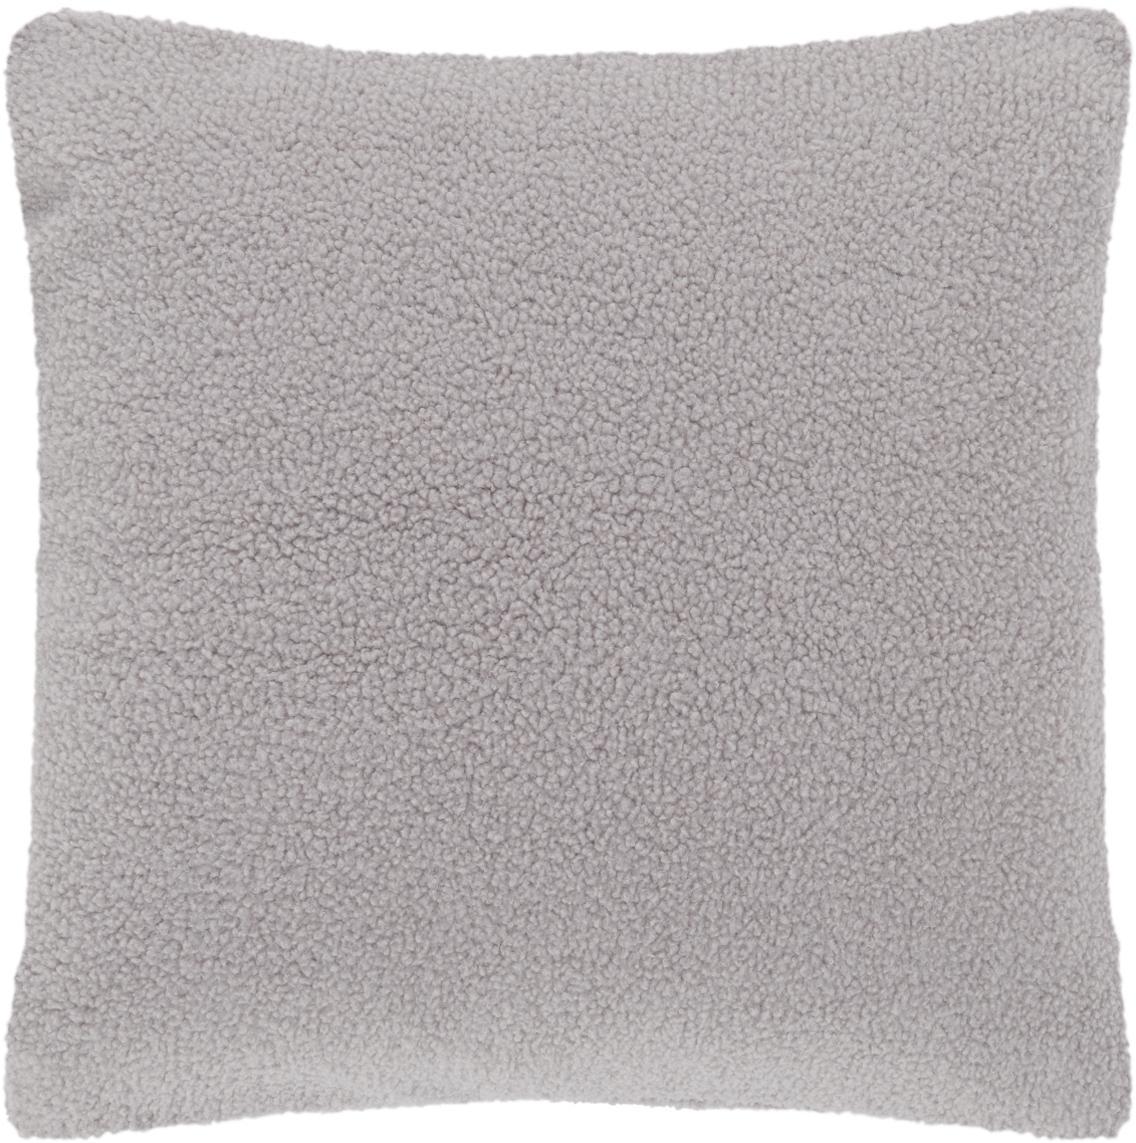 Flauschige Teddy-Kissenhülle Mille, Vorderseite: 100% Polyester (Teddyfell, Rückseite: 100% Polyester (Teddyfell, Hellgrau, 45 x 45 cm